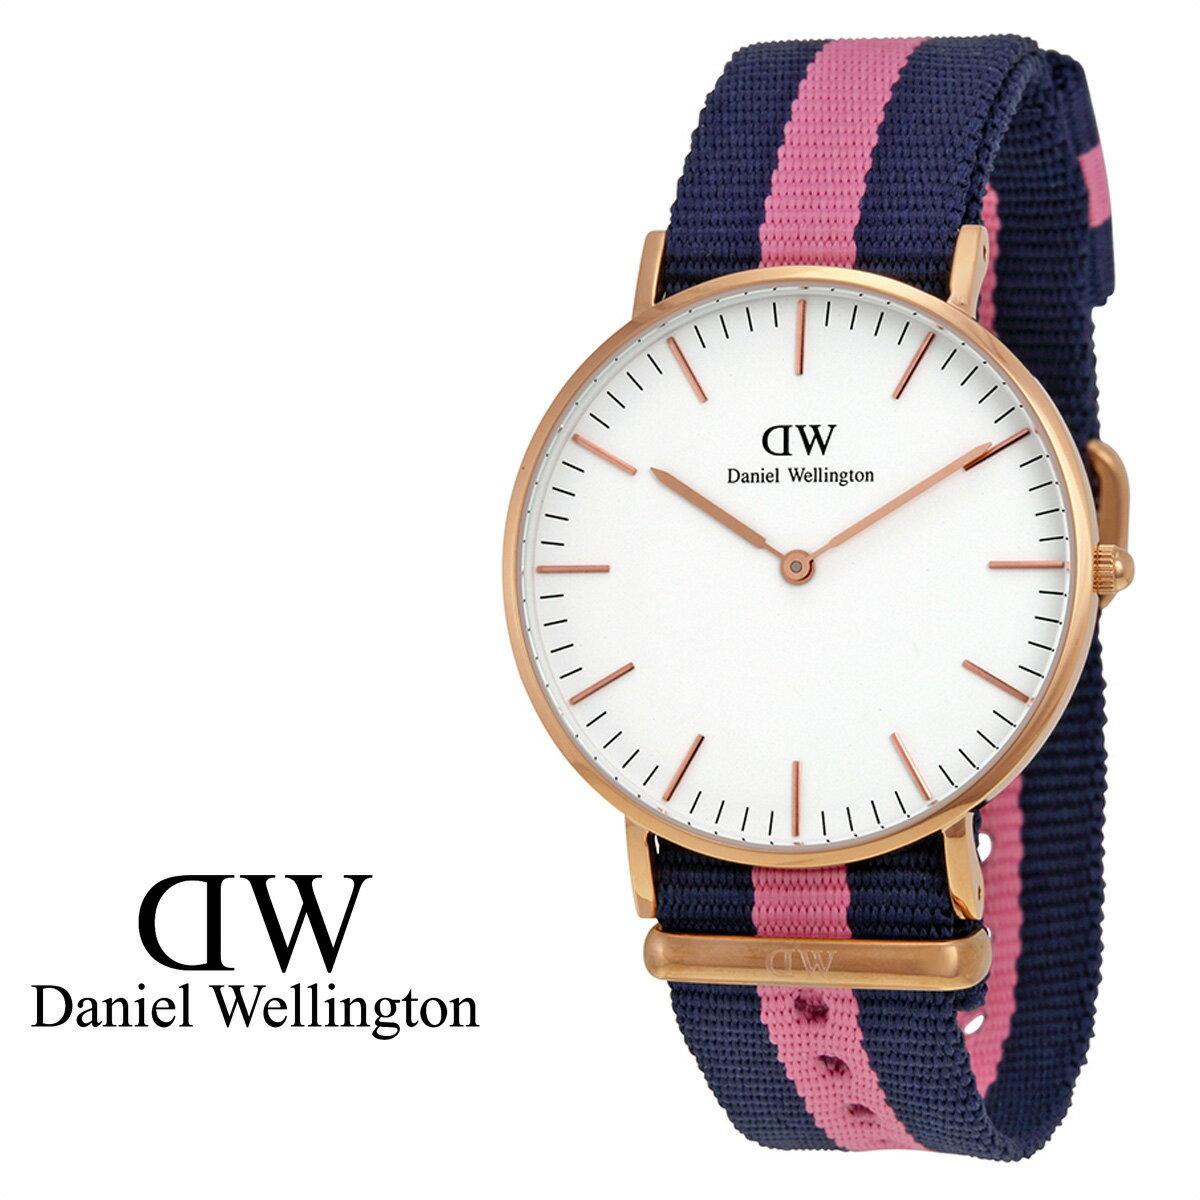 ダニエルウェリントン Daniel Wellington 36mm 腕時計 レディース  CLASSIC WINCHESTER LADY  ローズゴールド NATO [S20]  送料無料  ダニエル ウェリントン Daniel Wellington 腕時計 36ミリ 正規  通販セイコー アルバ 腕時計